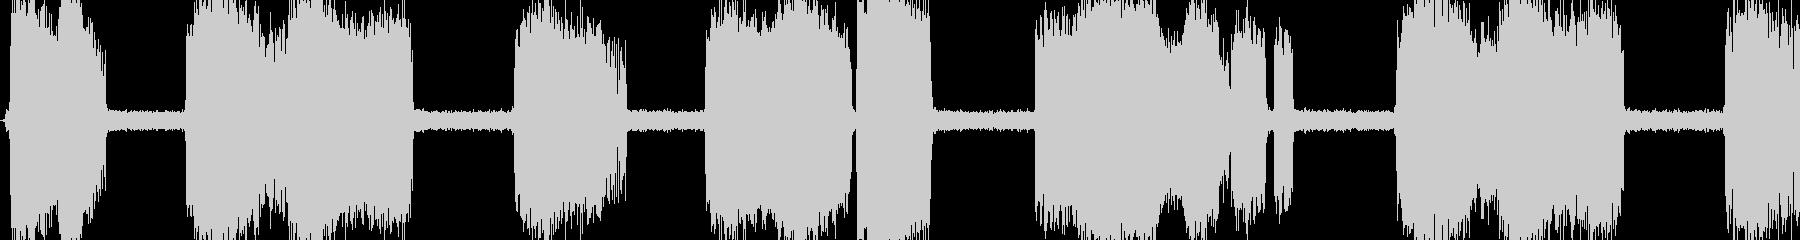 130_ショートする音 ビリビリバリバリの未再生の波形